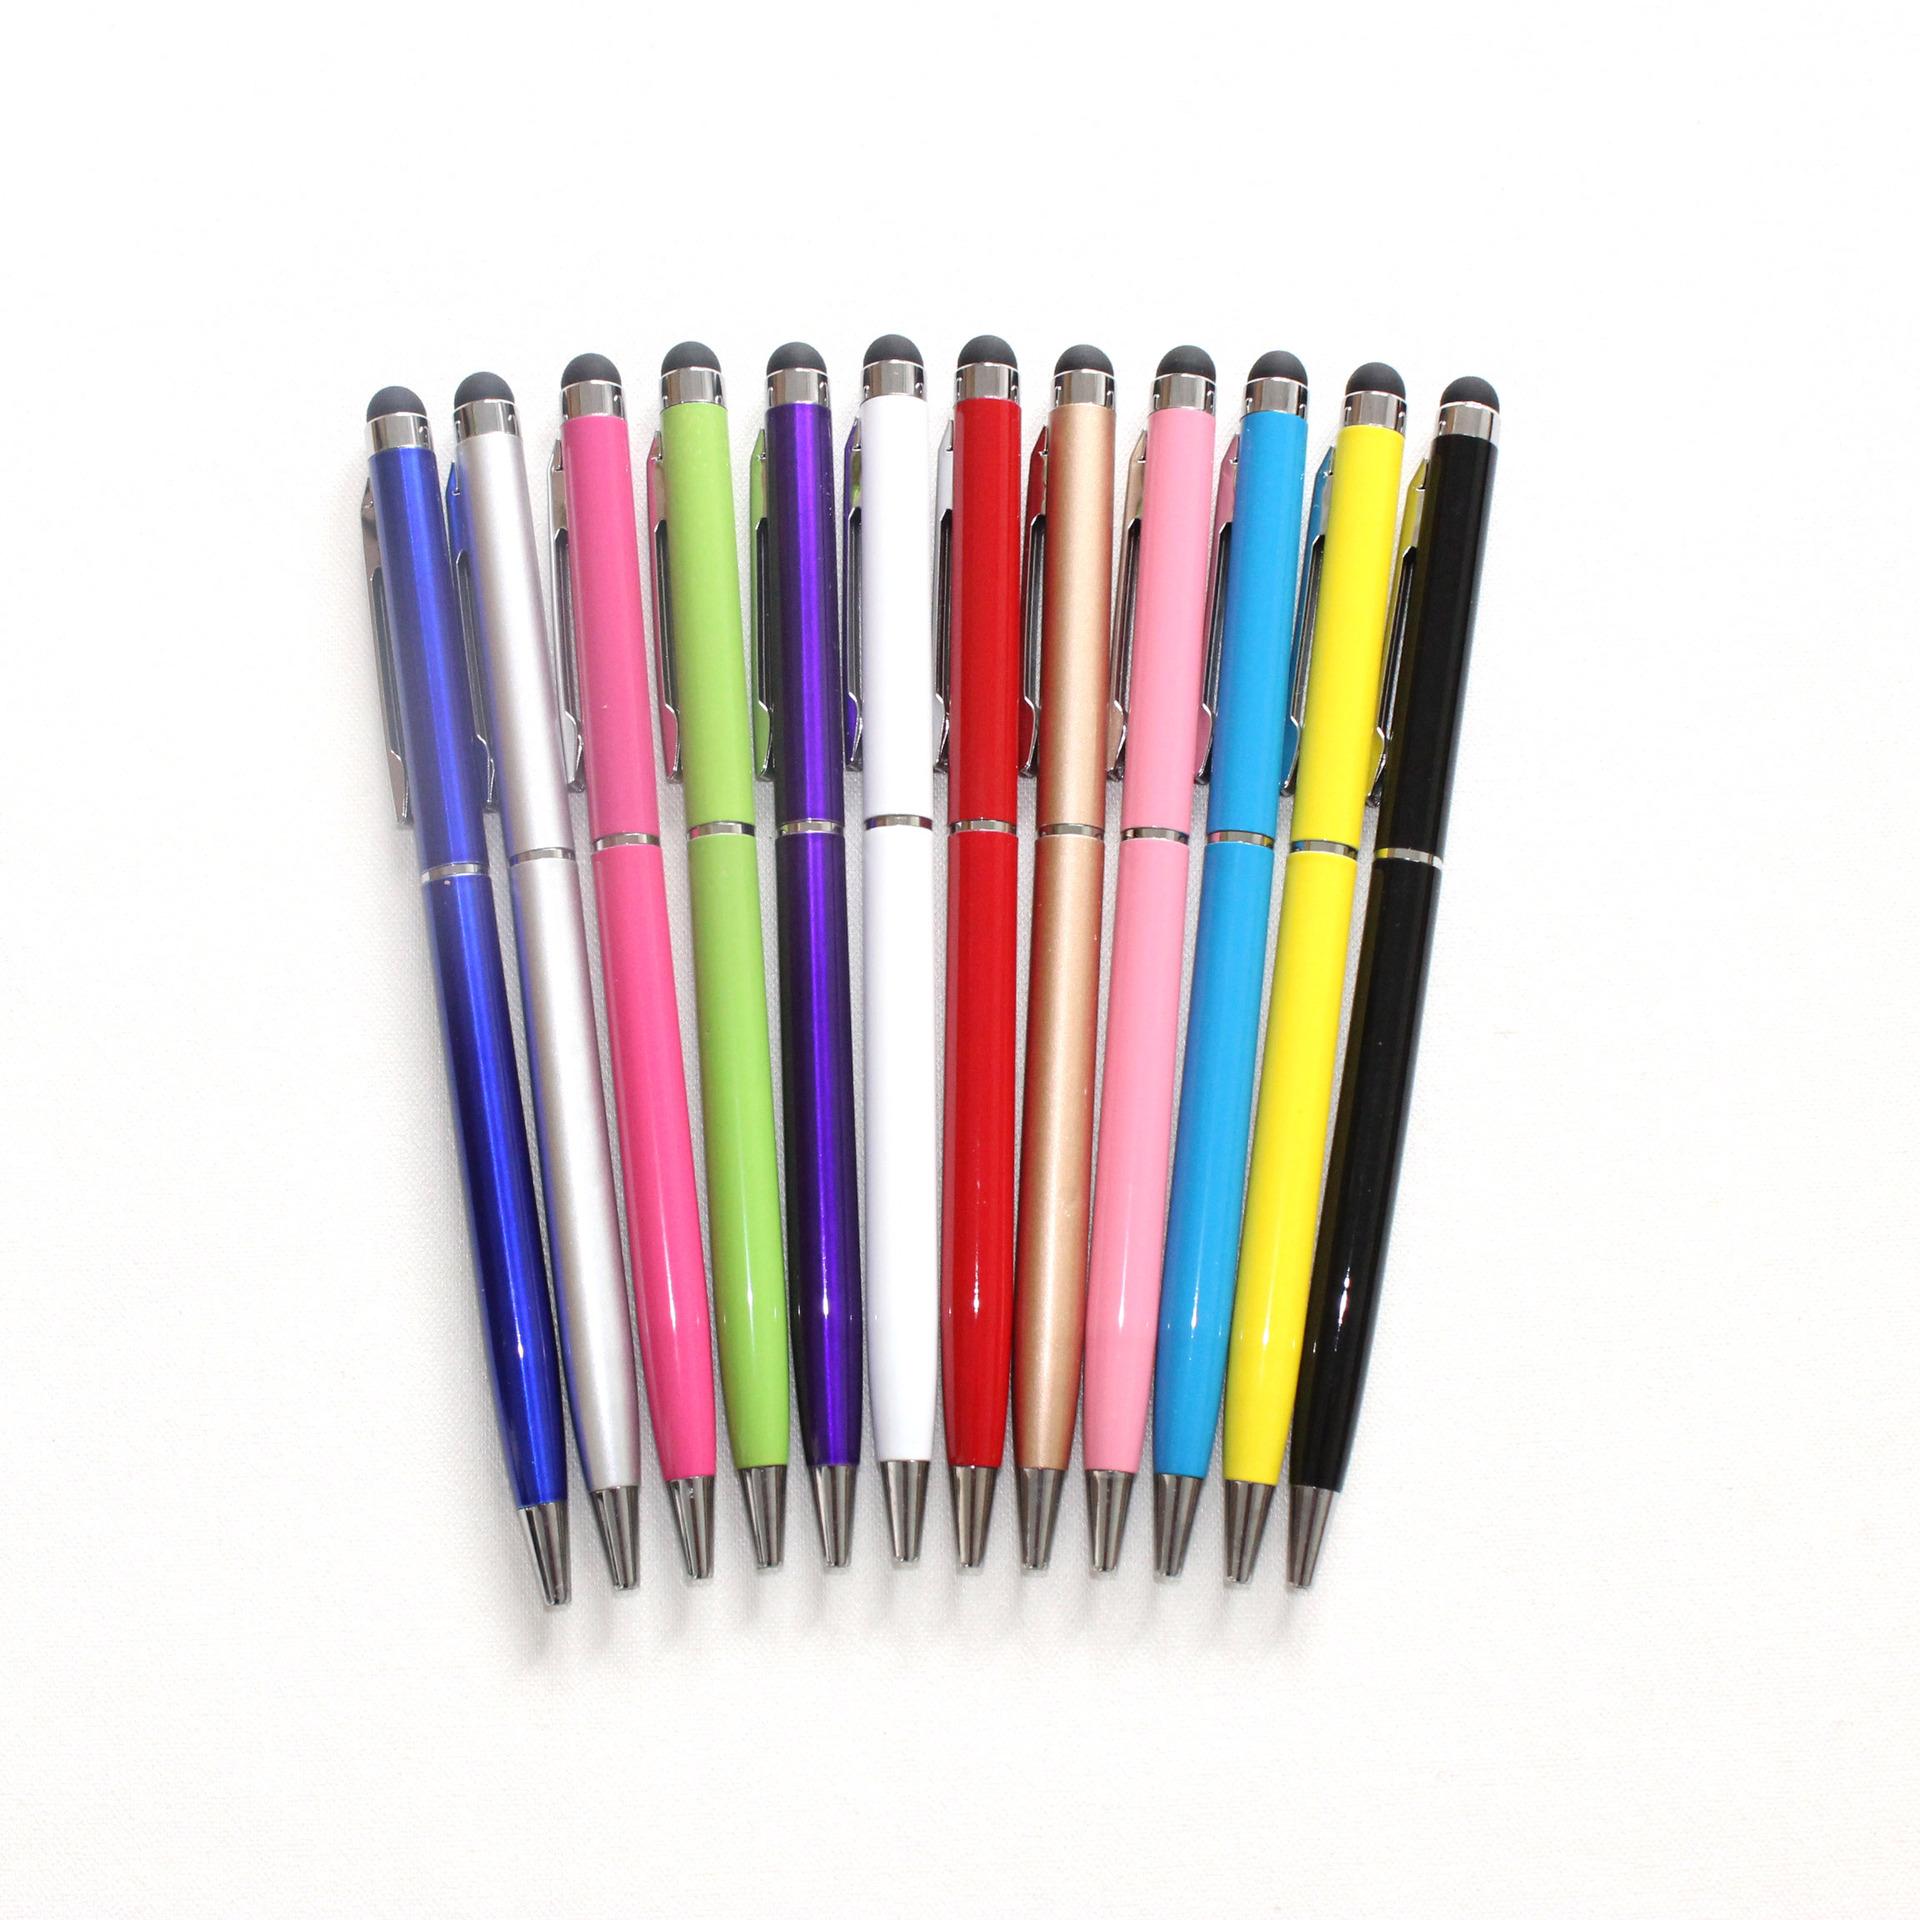 厂家直销牙签笔 小高士两用多功能电容笔 平板电脑手写笔触控笔